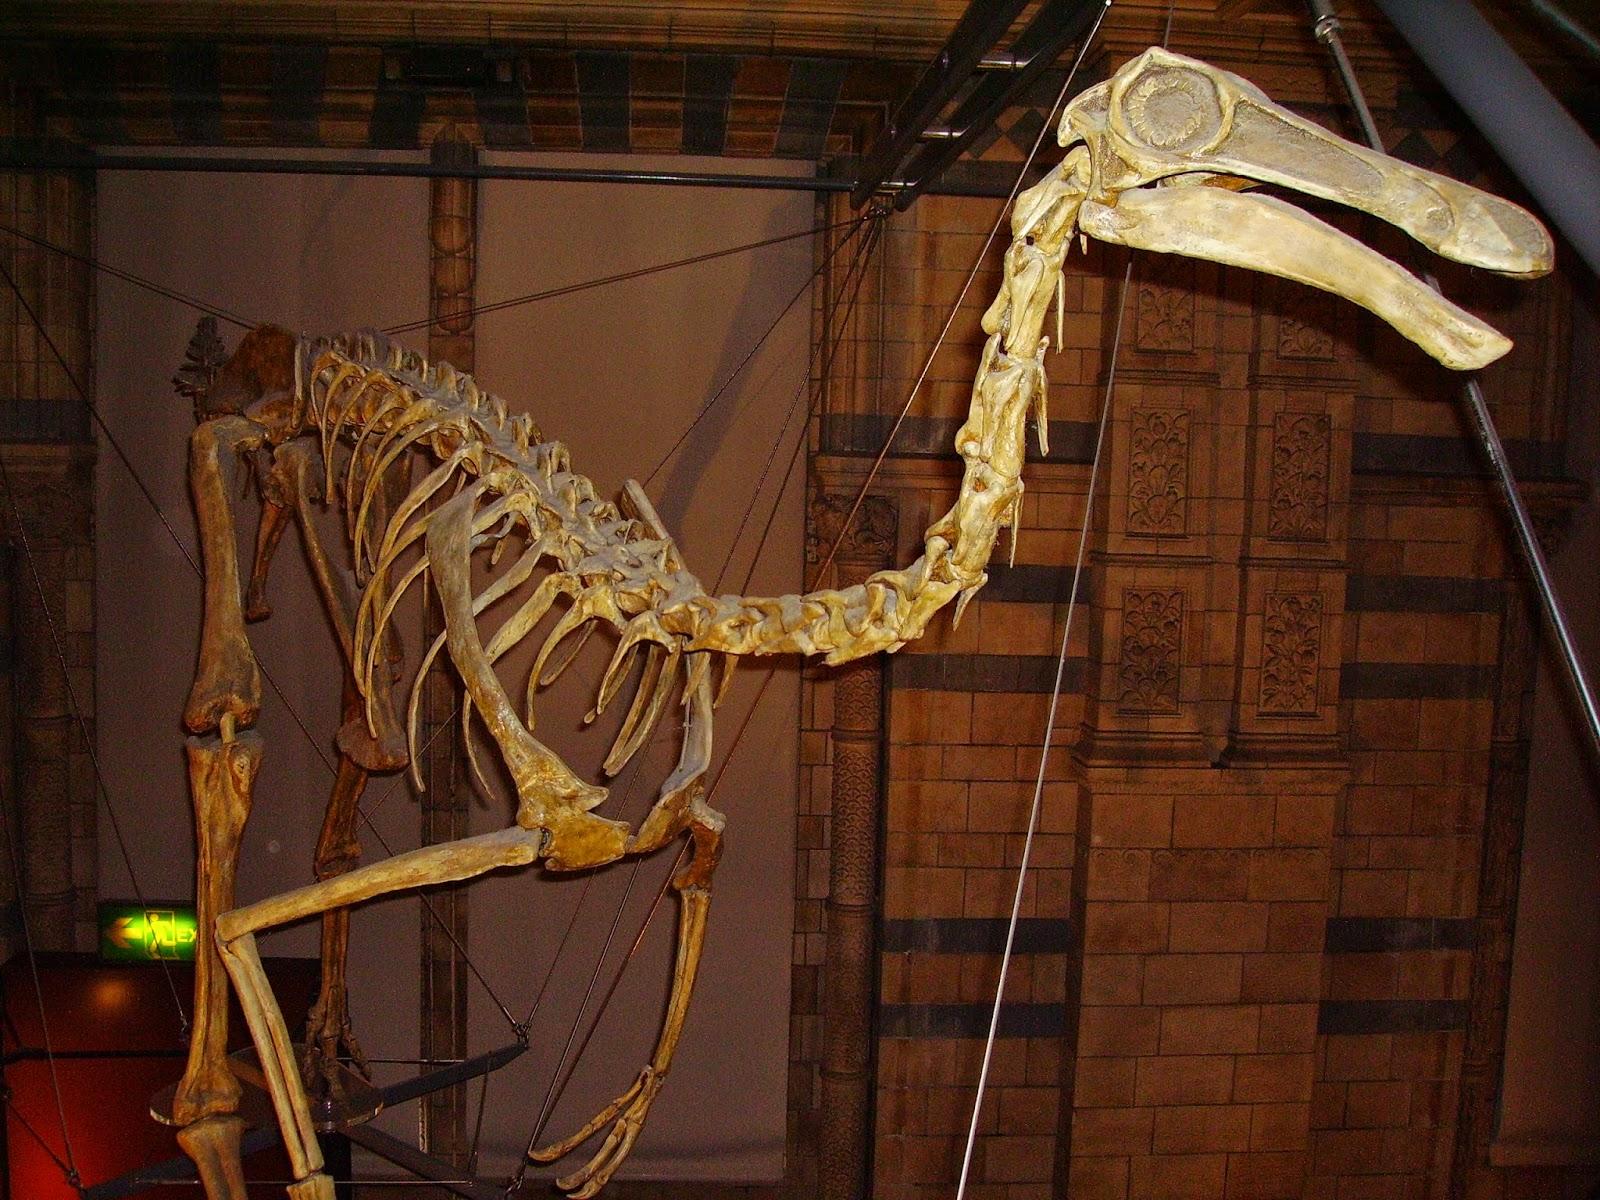 Il Gallimimus visse nel Cretaceo 70 milioni di anni fa